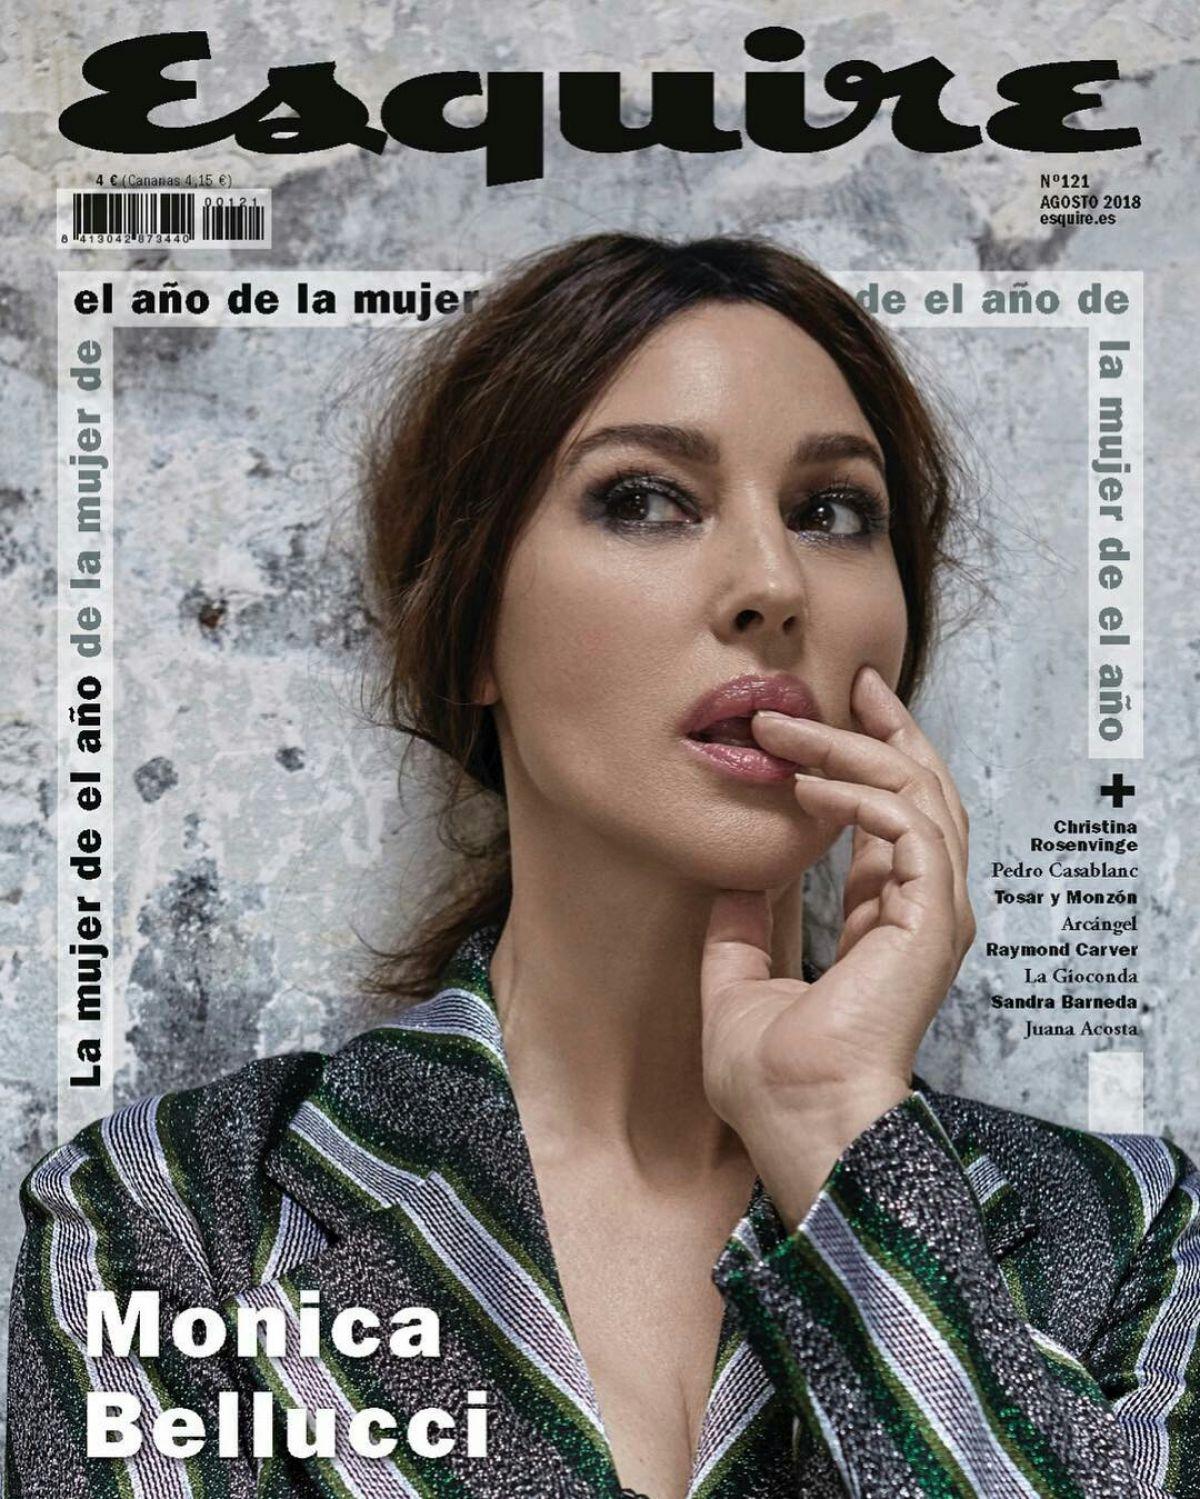 مونيكا بيلوتشى على أغلفة المجلات